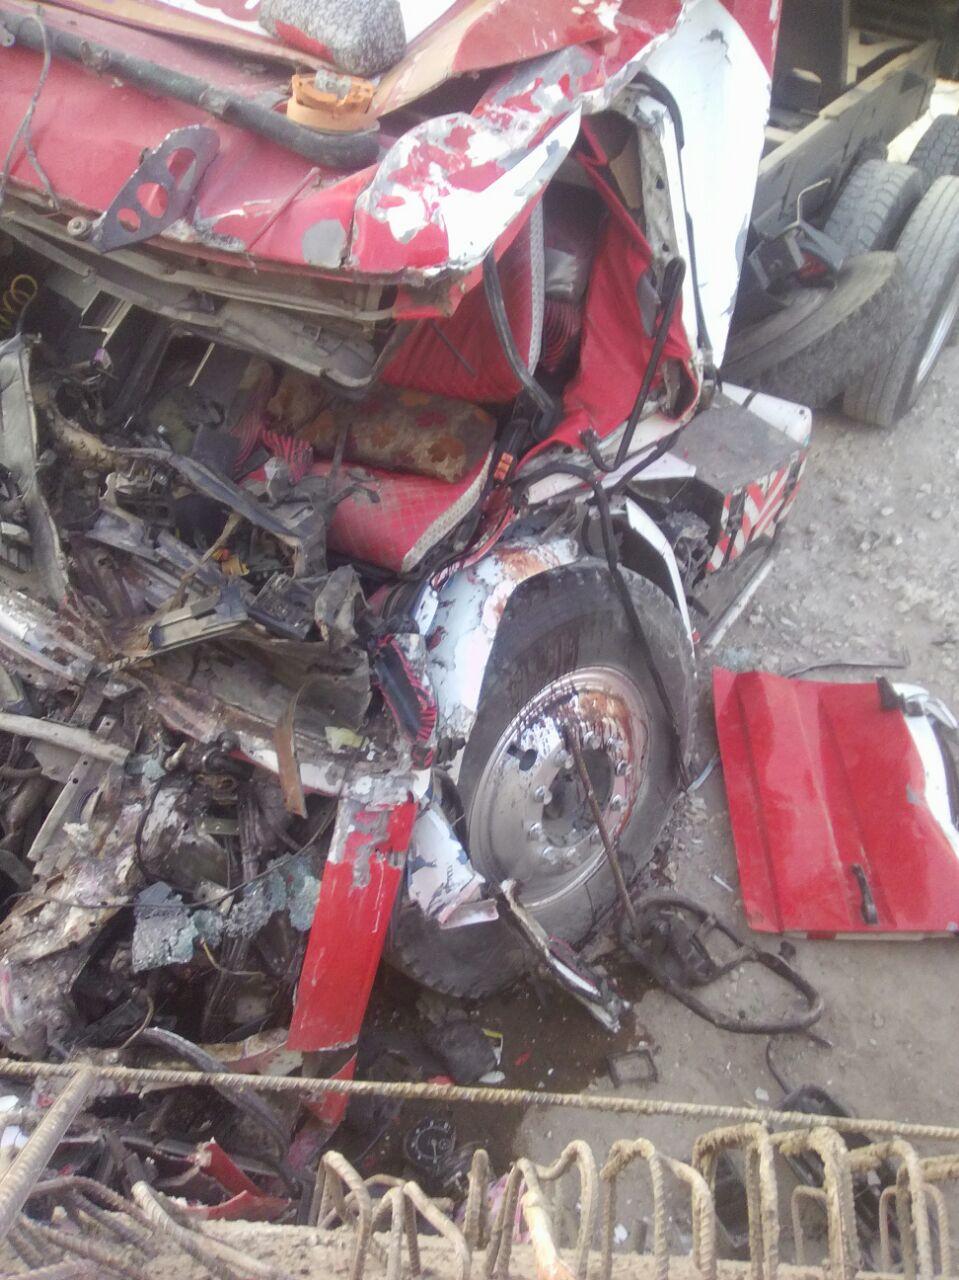 مصرع سائق نقل وإصابة مساعده بعد سقوط كتلة خرسانية على كابينة القيادة